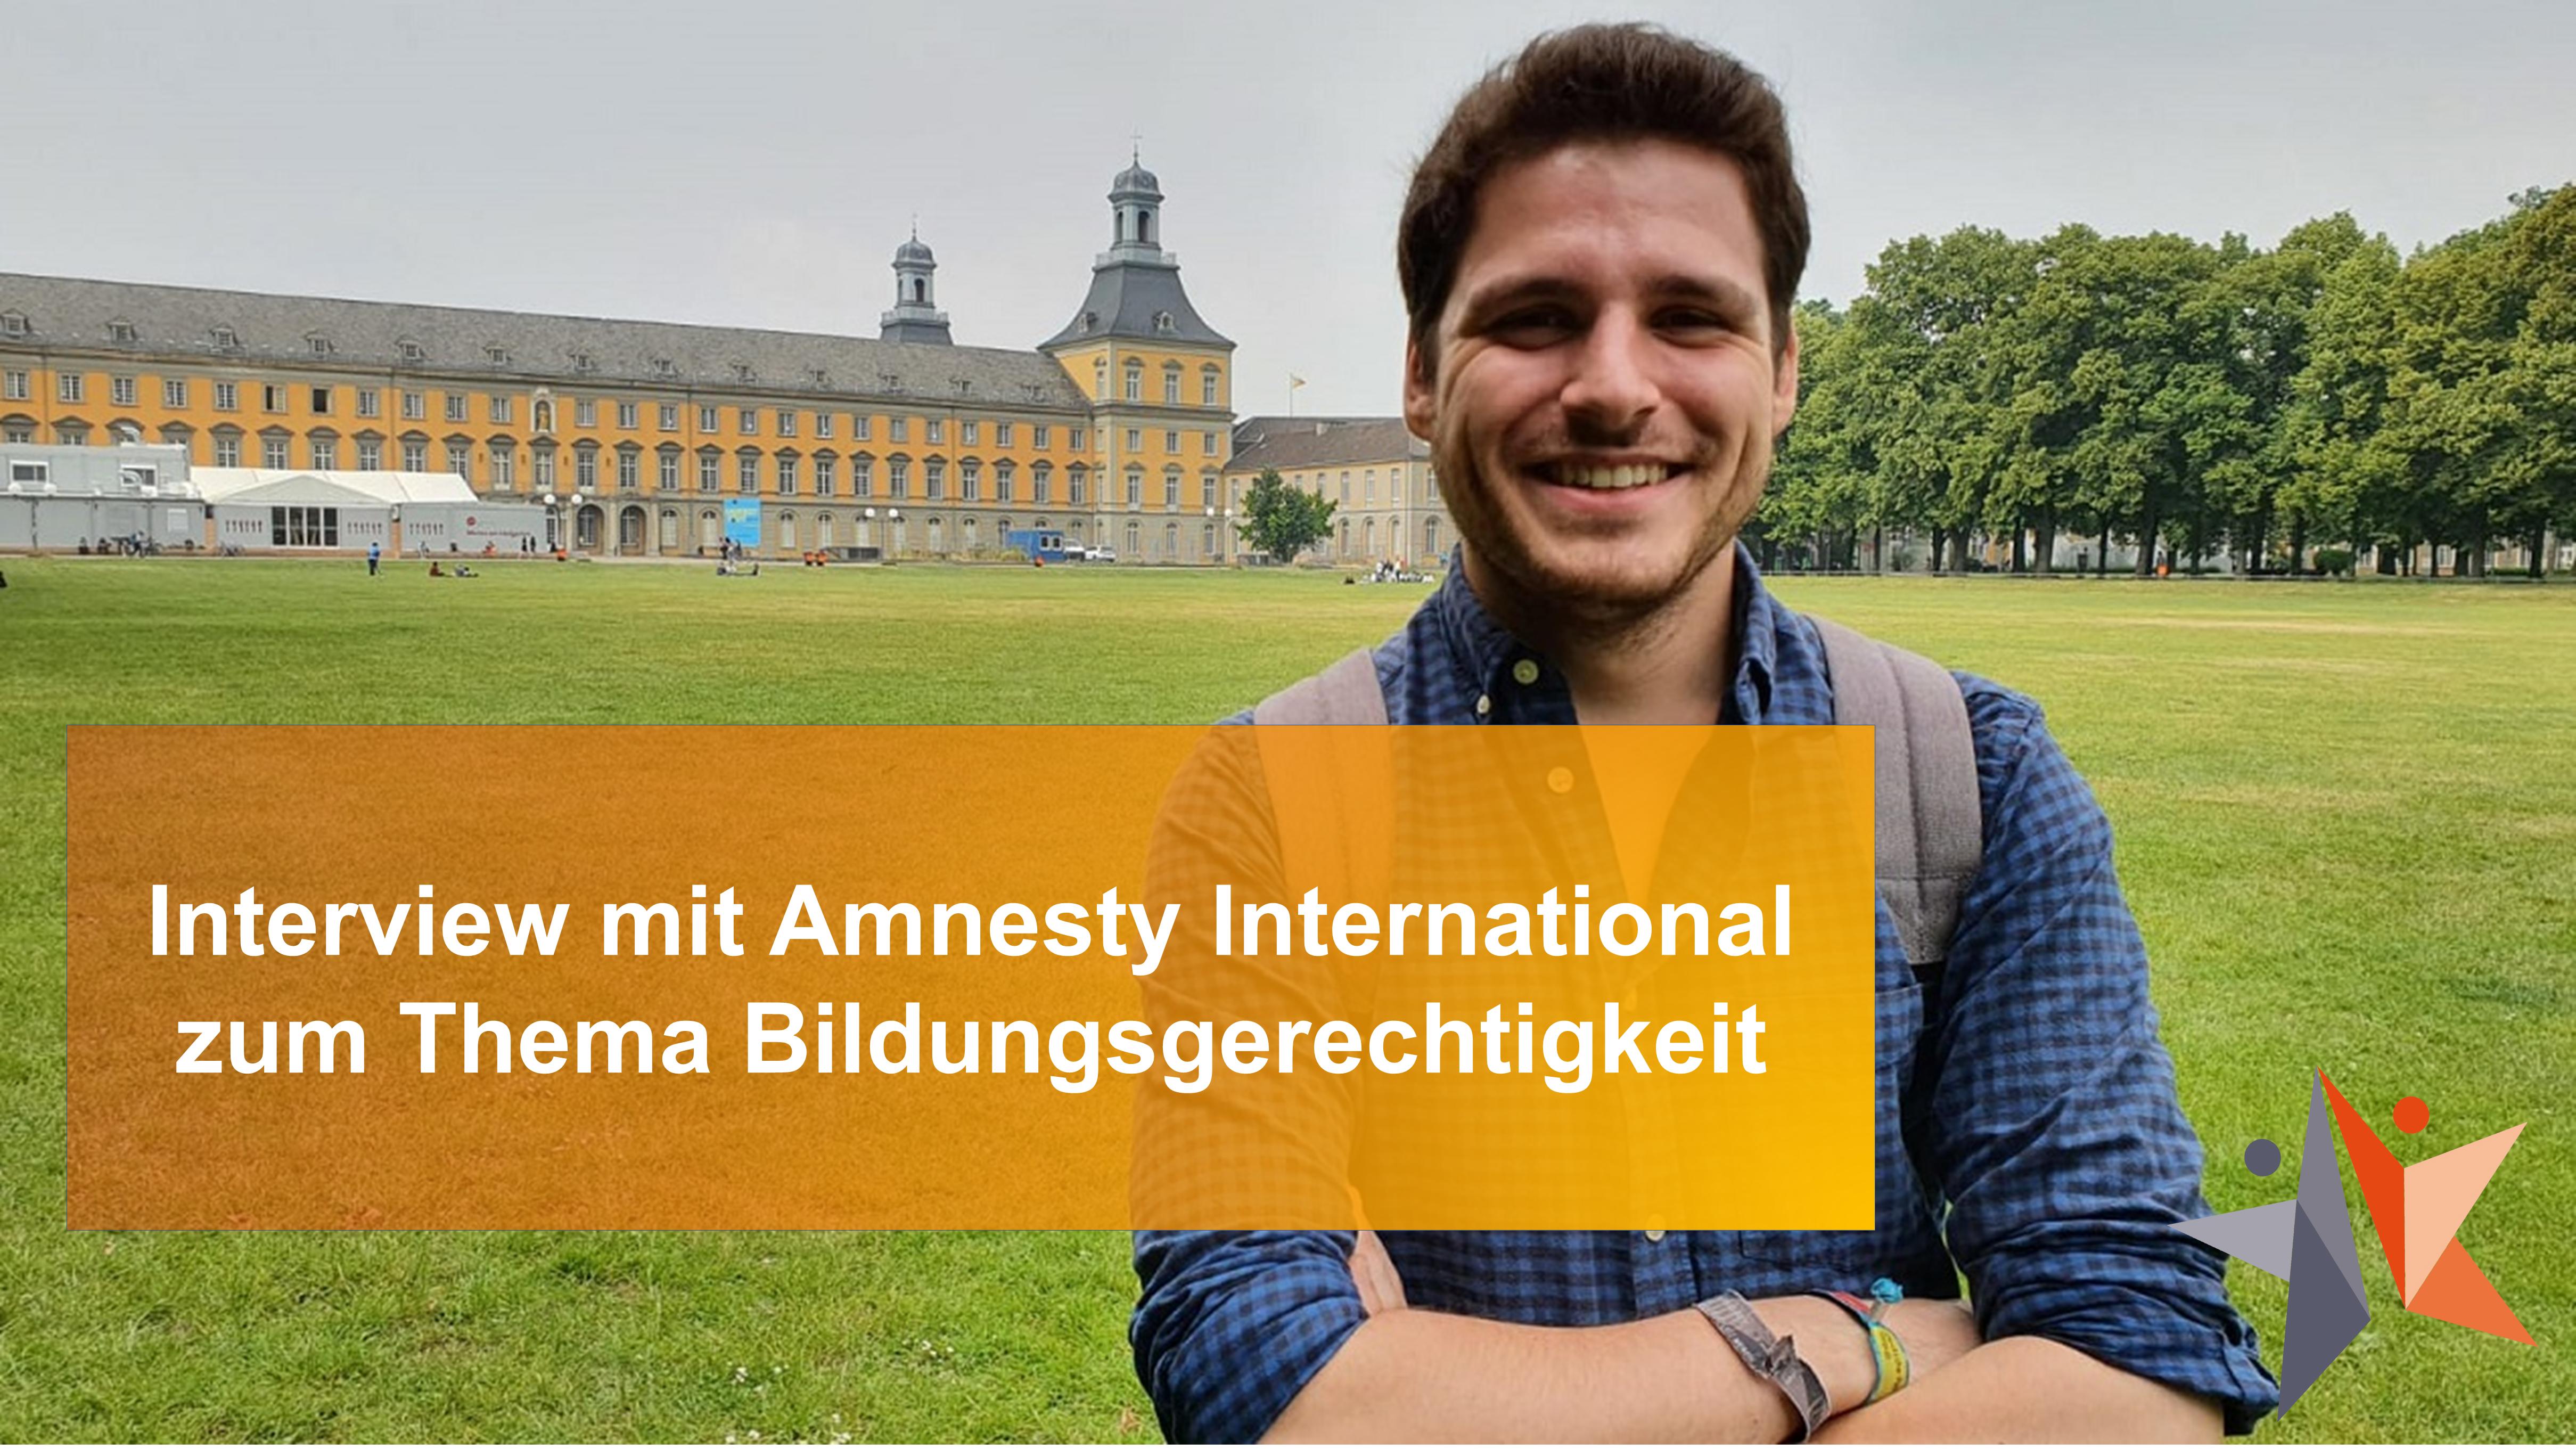 Von Menschenrechten und Bildungsgerechtigkeit: Interview mit Amnesty International